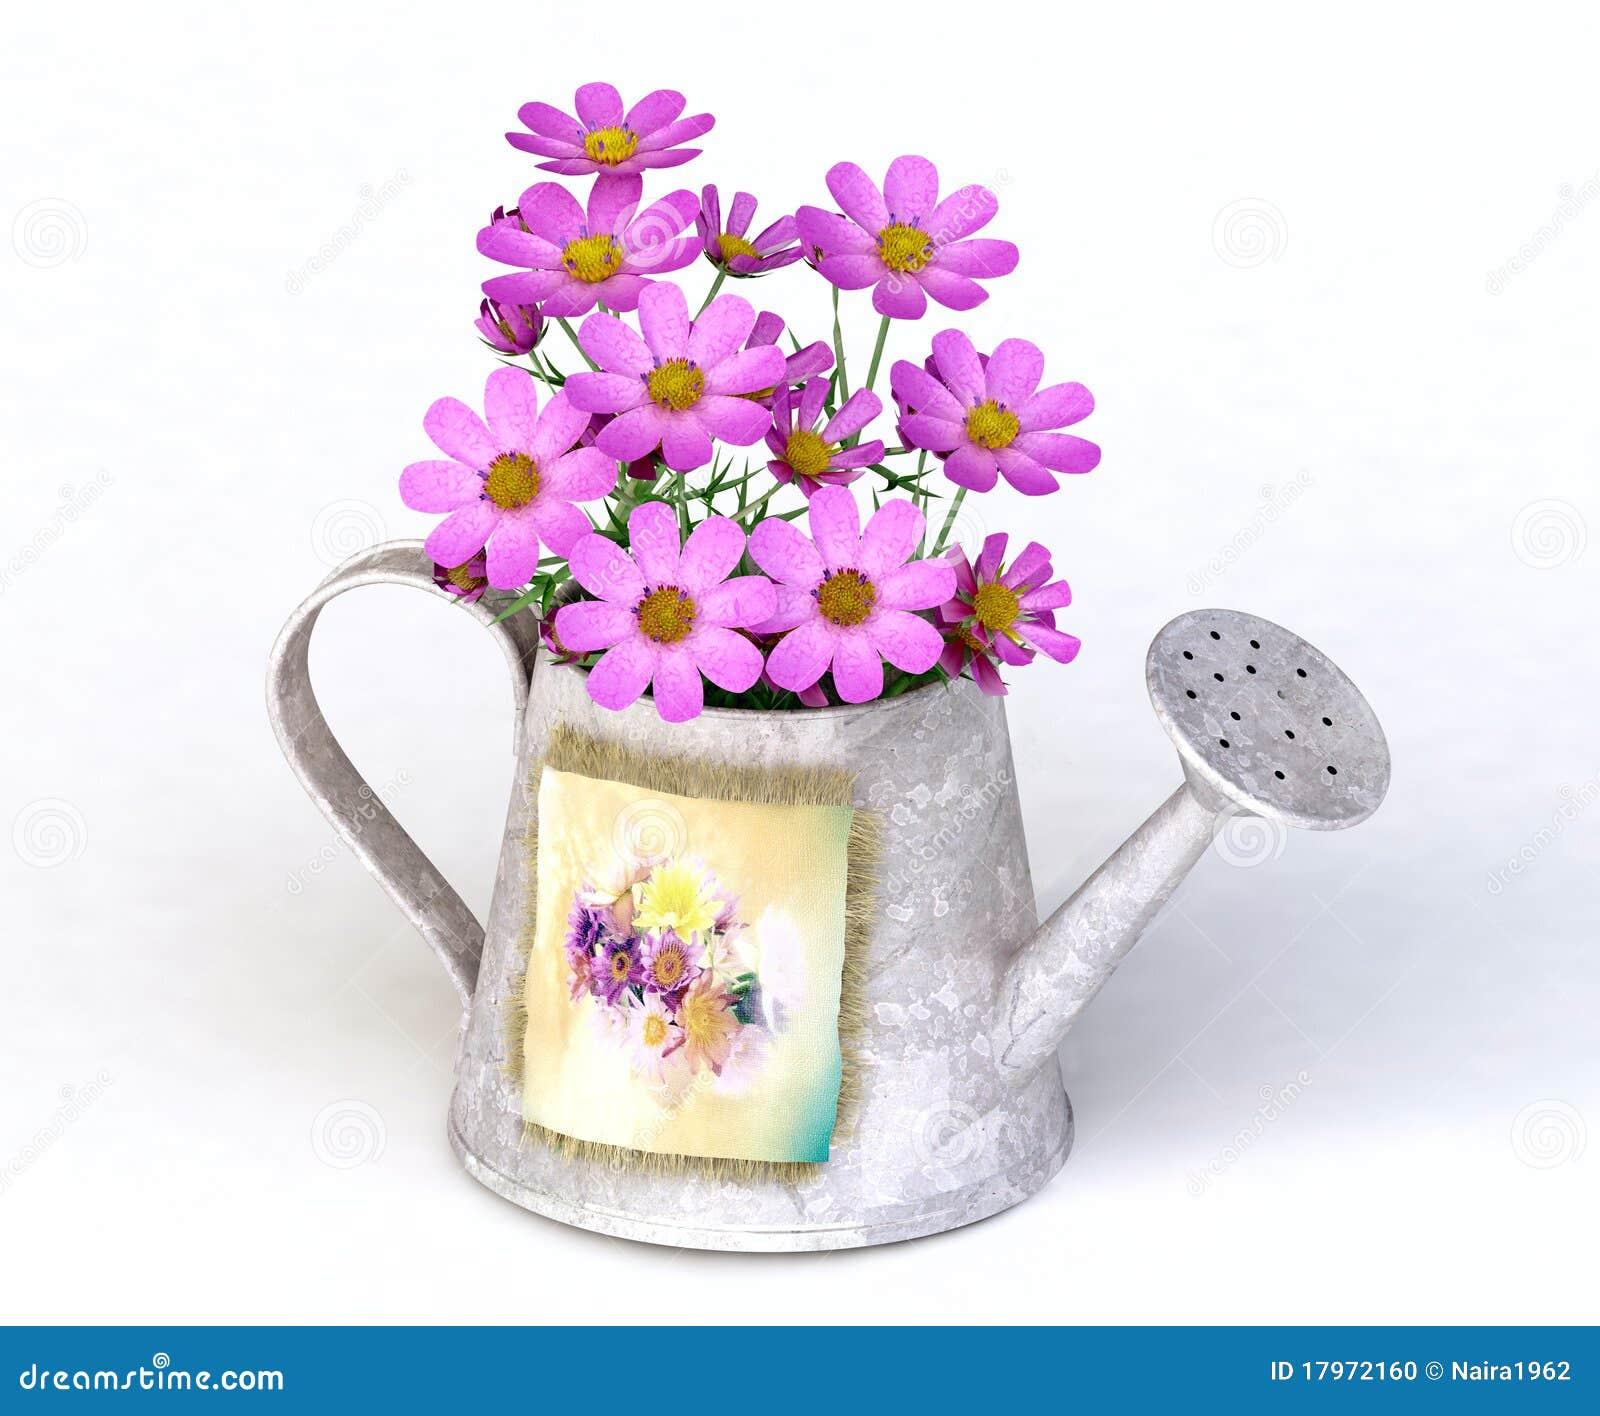 arrosoir m tallique avec les fleurs roses photo stock image 17972160. Black Bedroom Furniture Sets. Home Design Ideas